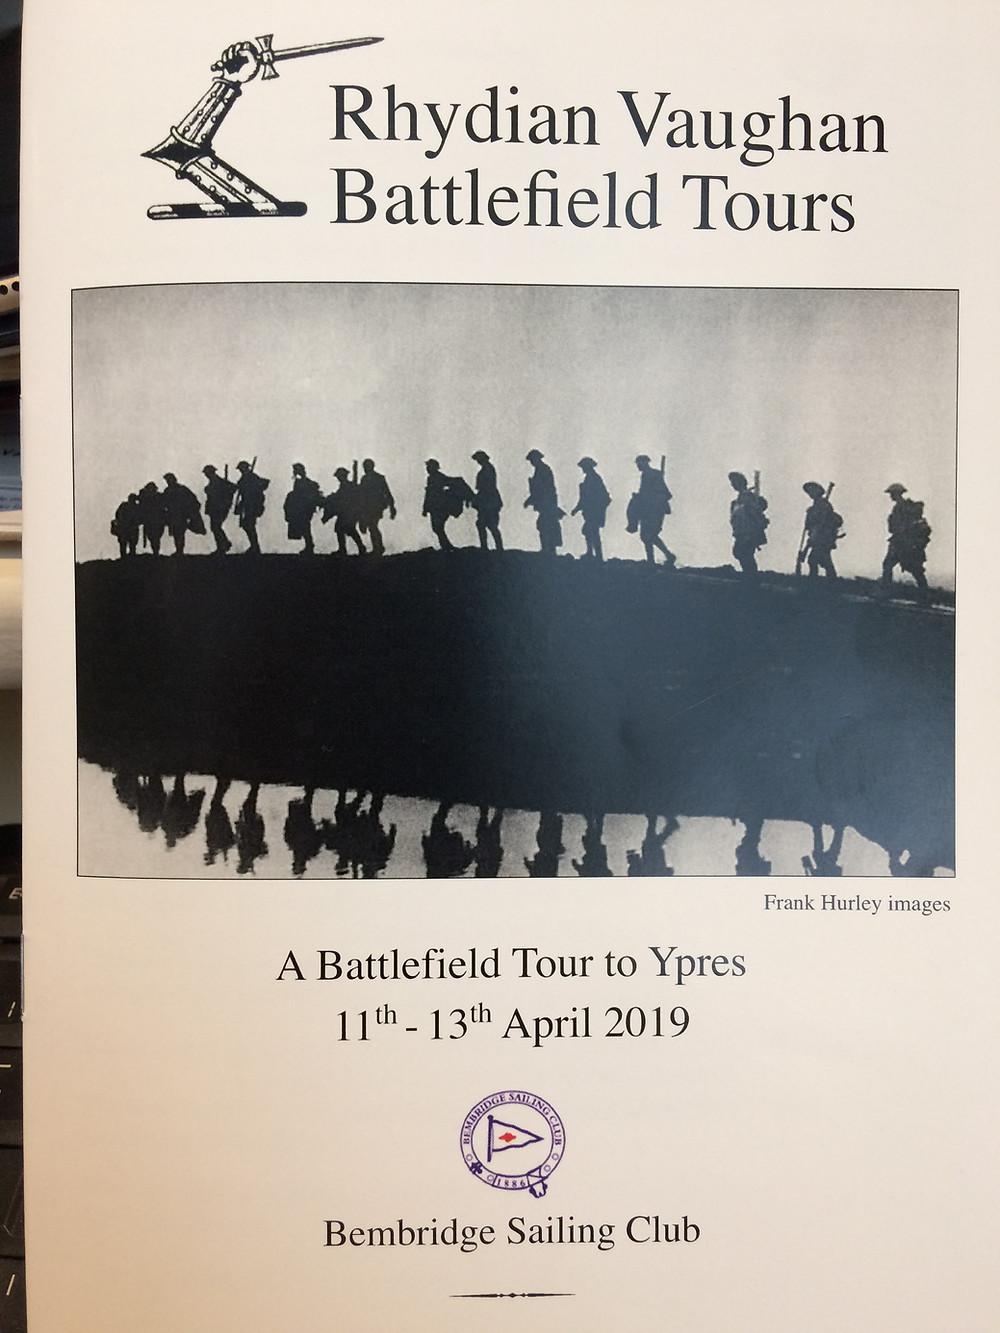 Rhydian Vaughan Battlefield Tours - Trip itinerary